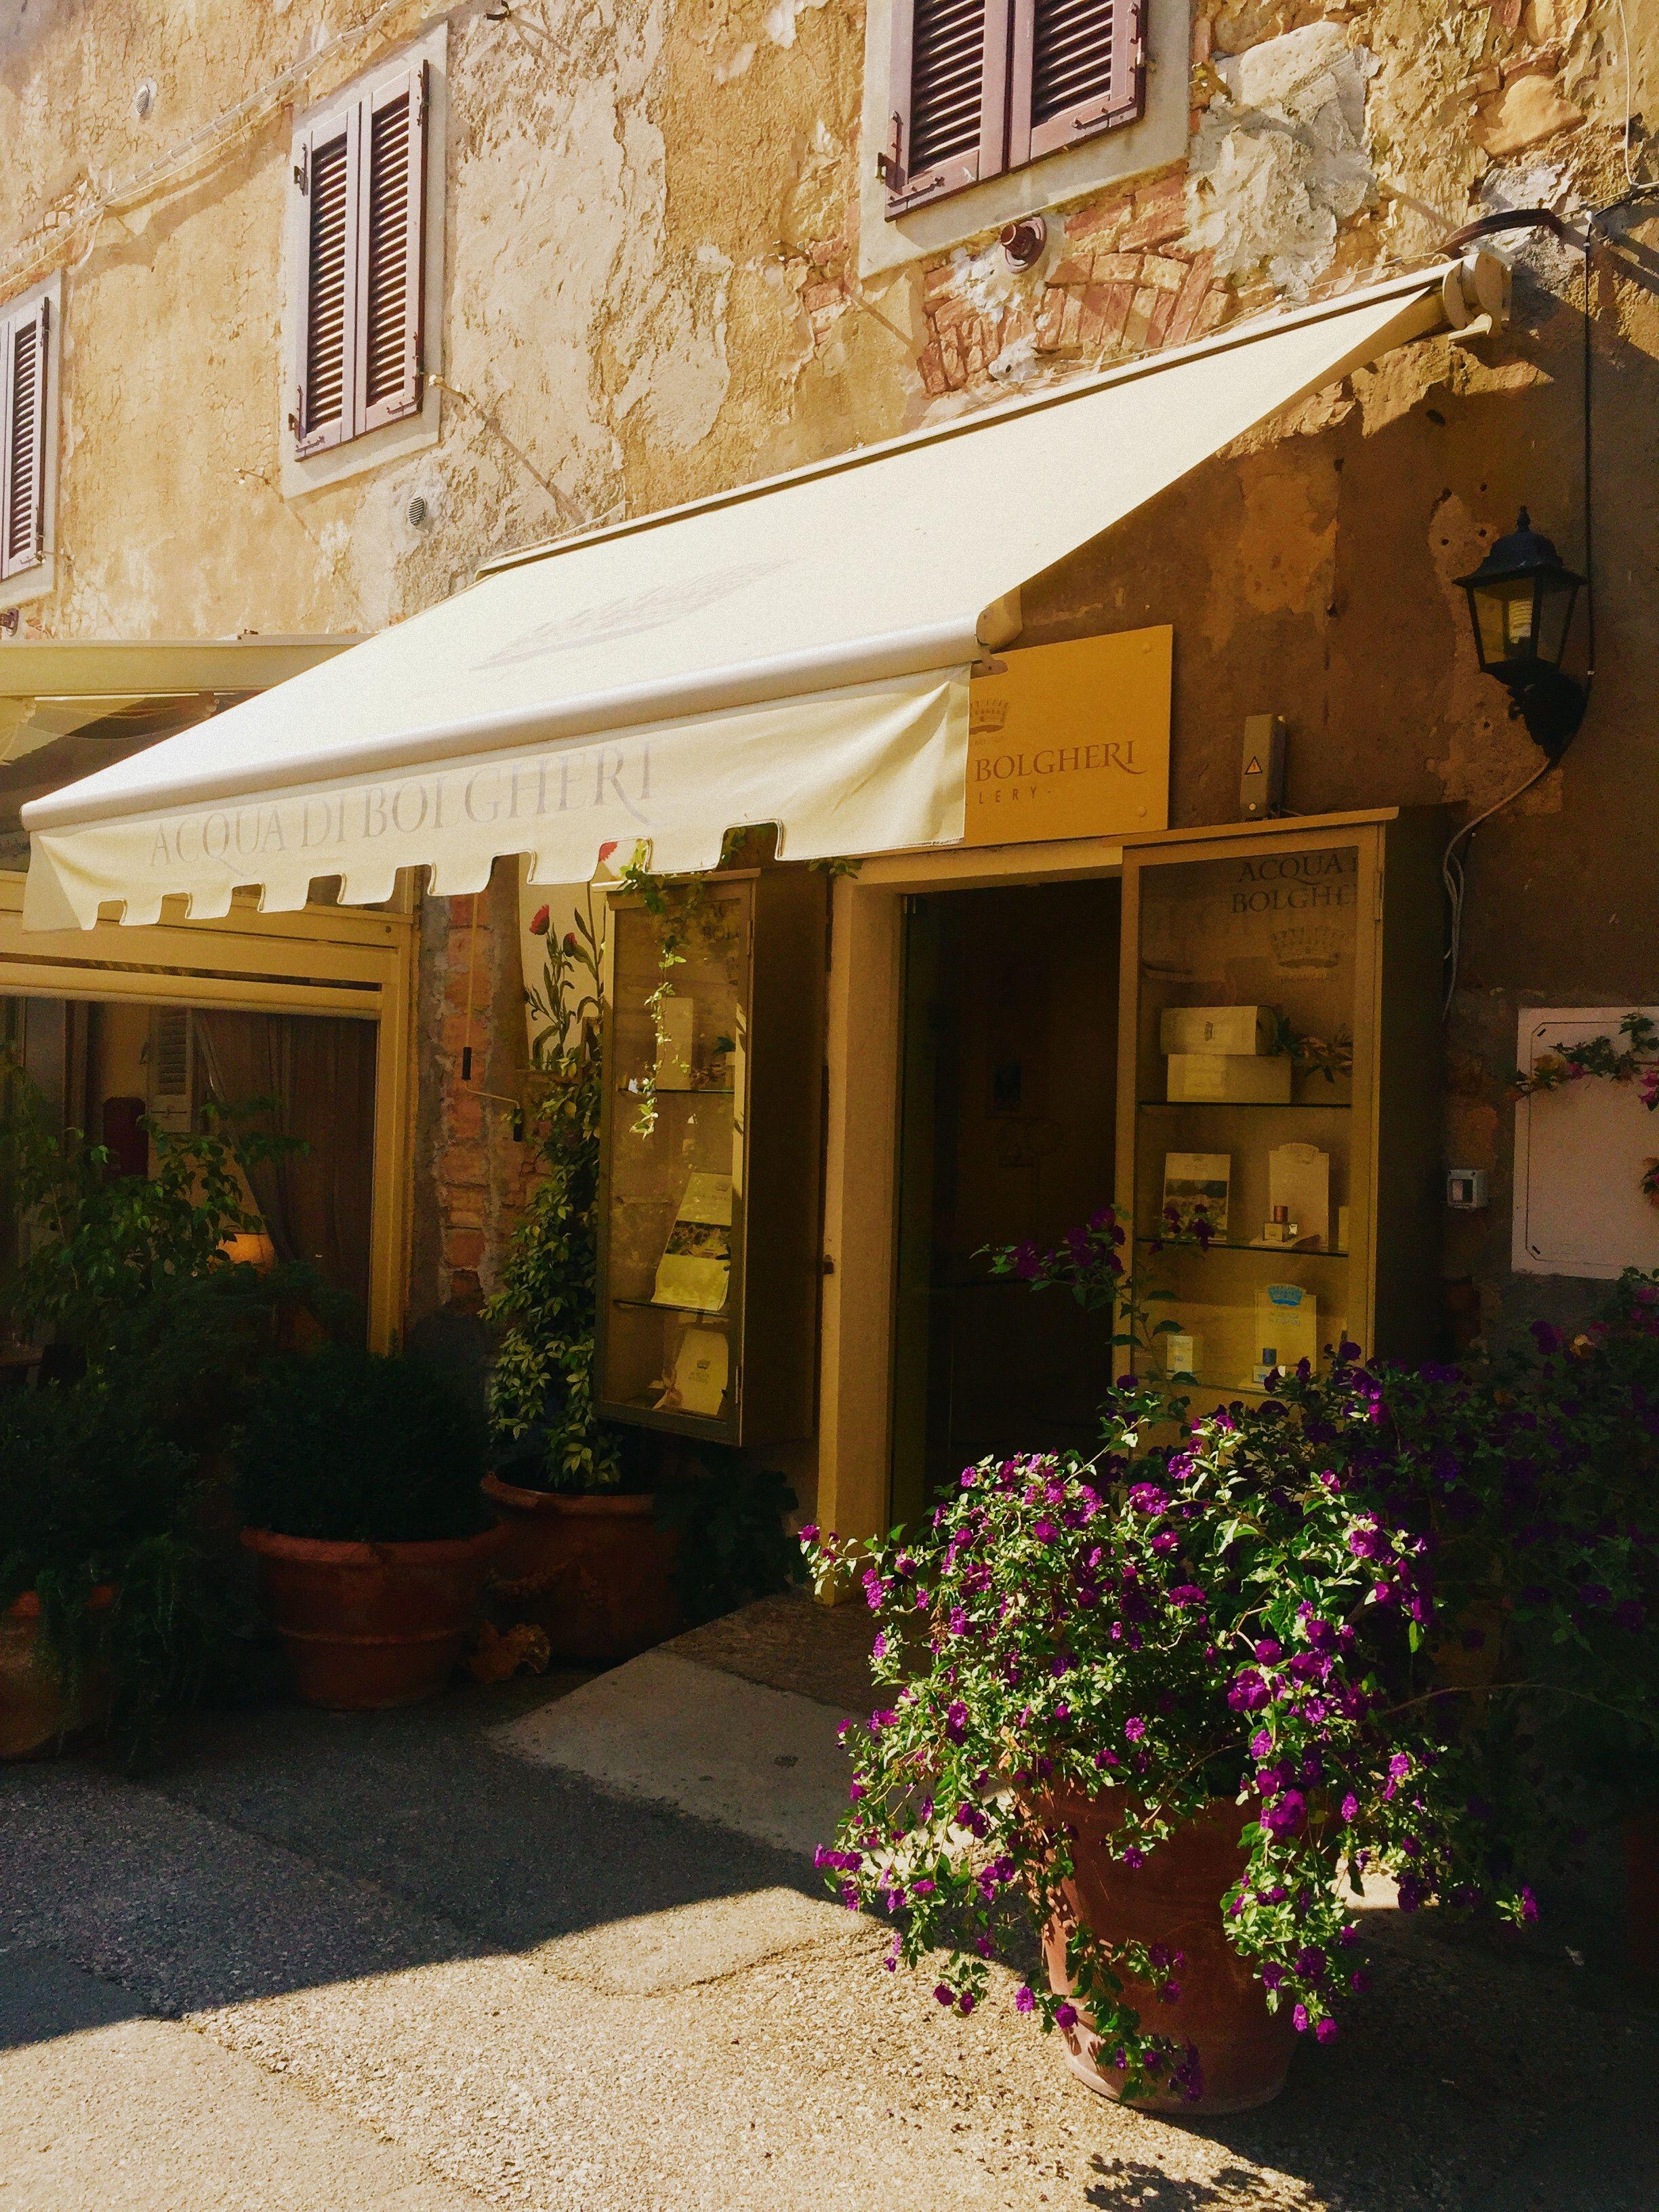 Bolgheri, Tuscany.